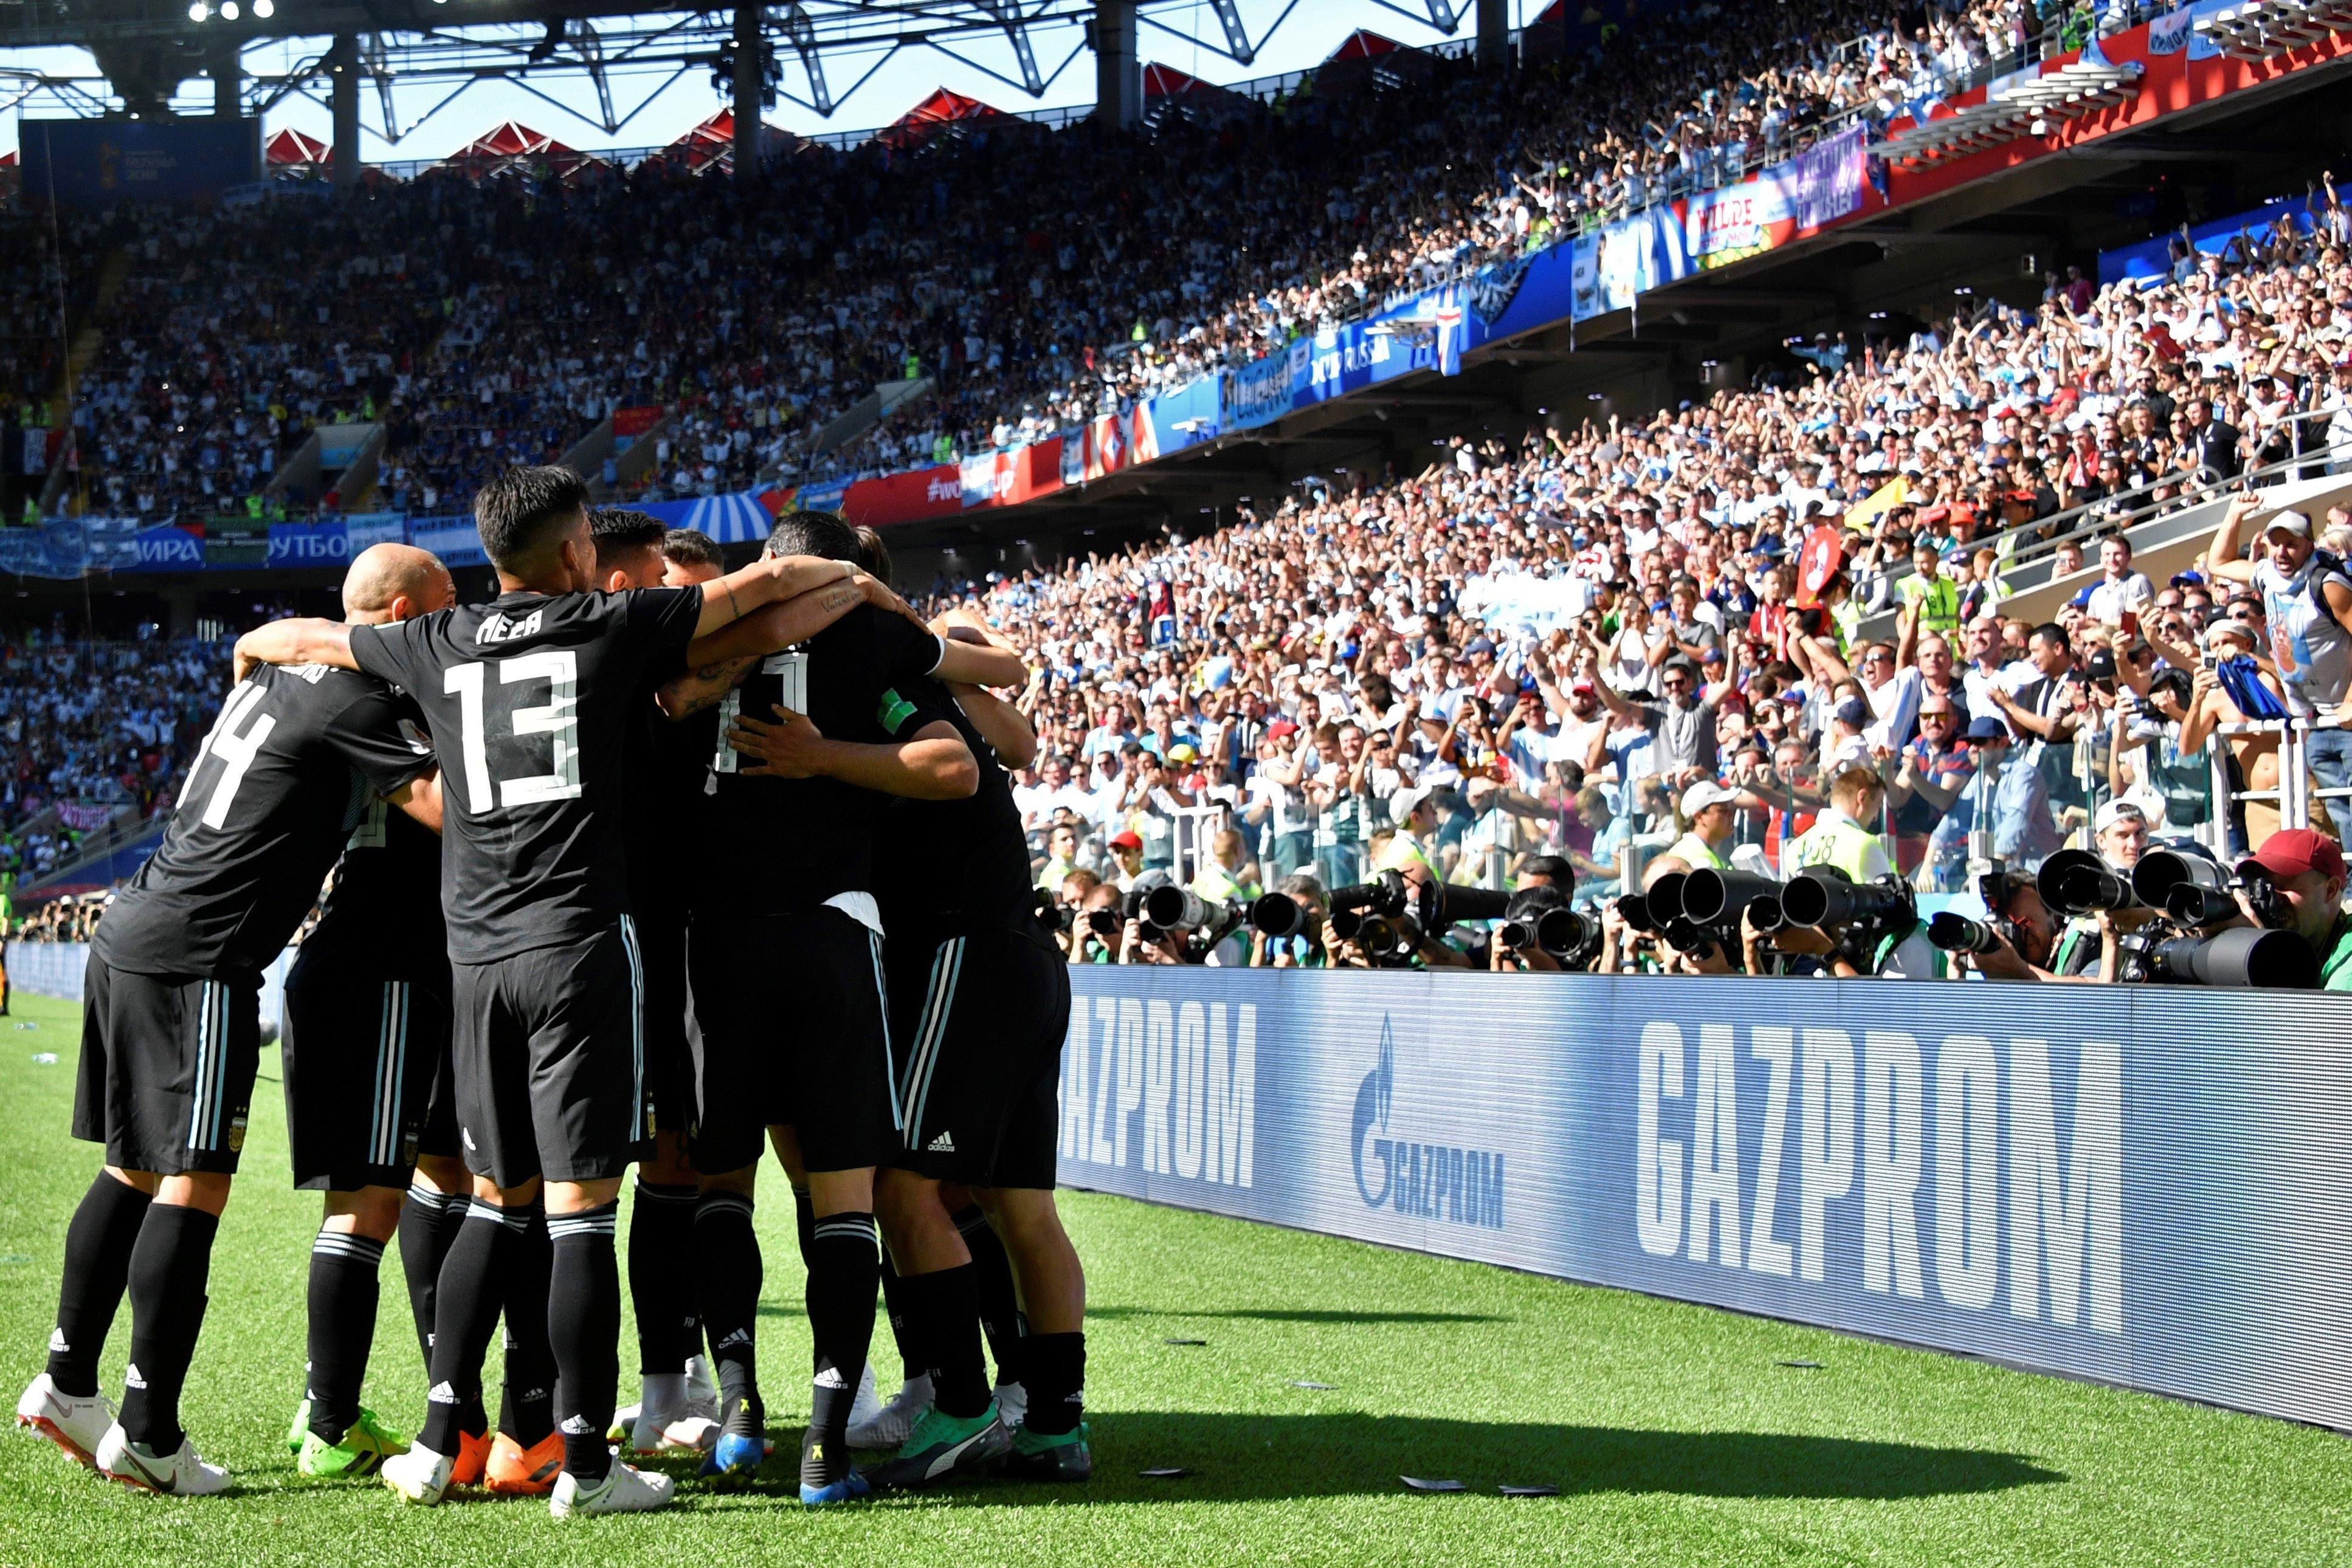 Argentinien – Kroatien im Live-Stream: WM in Russland online